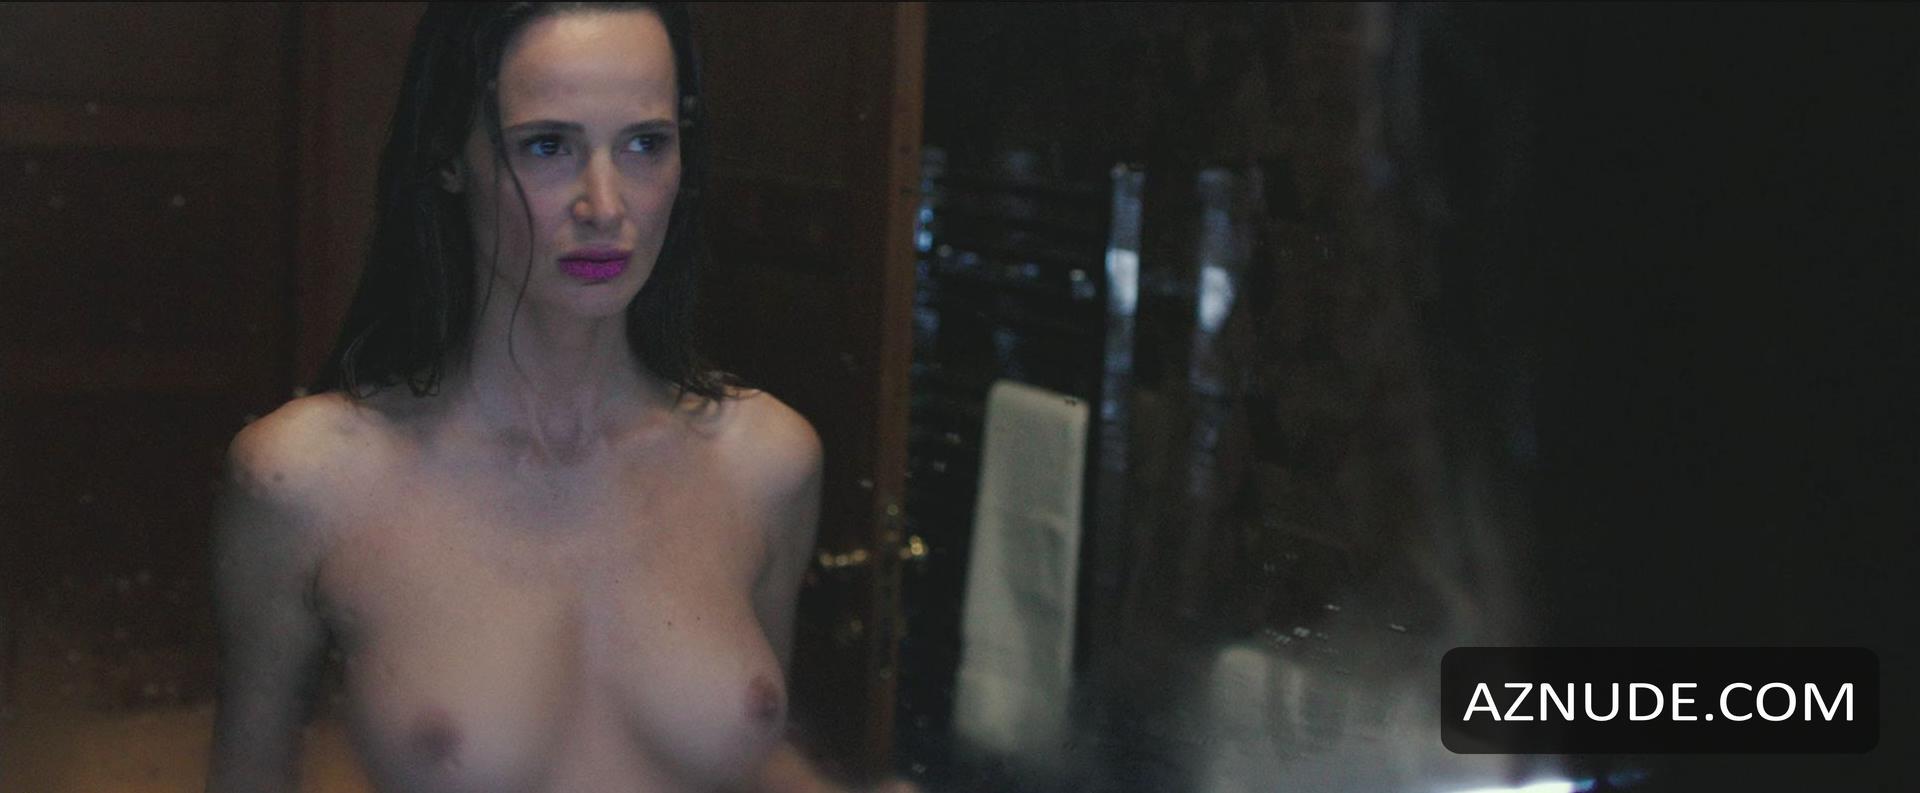 webcam nude